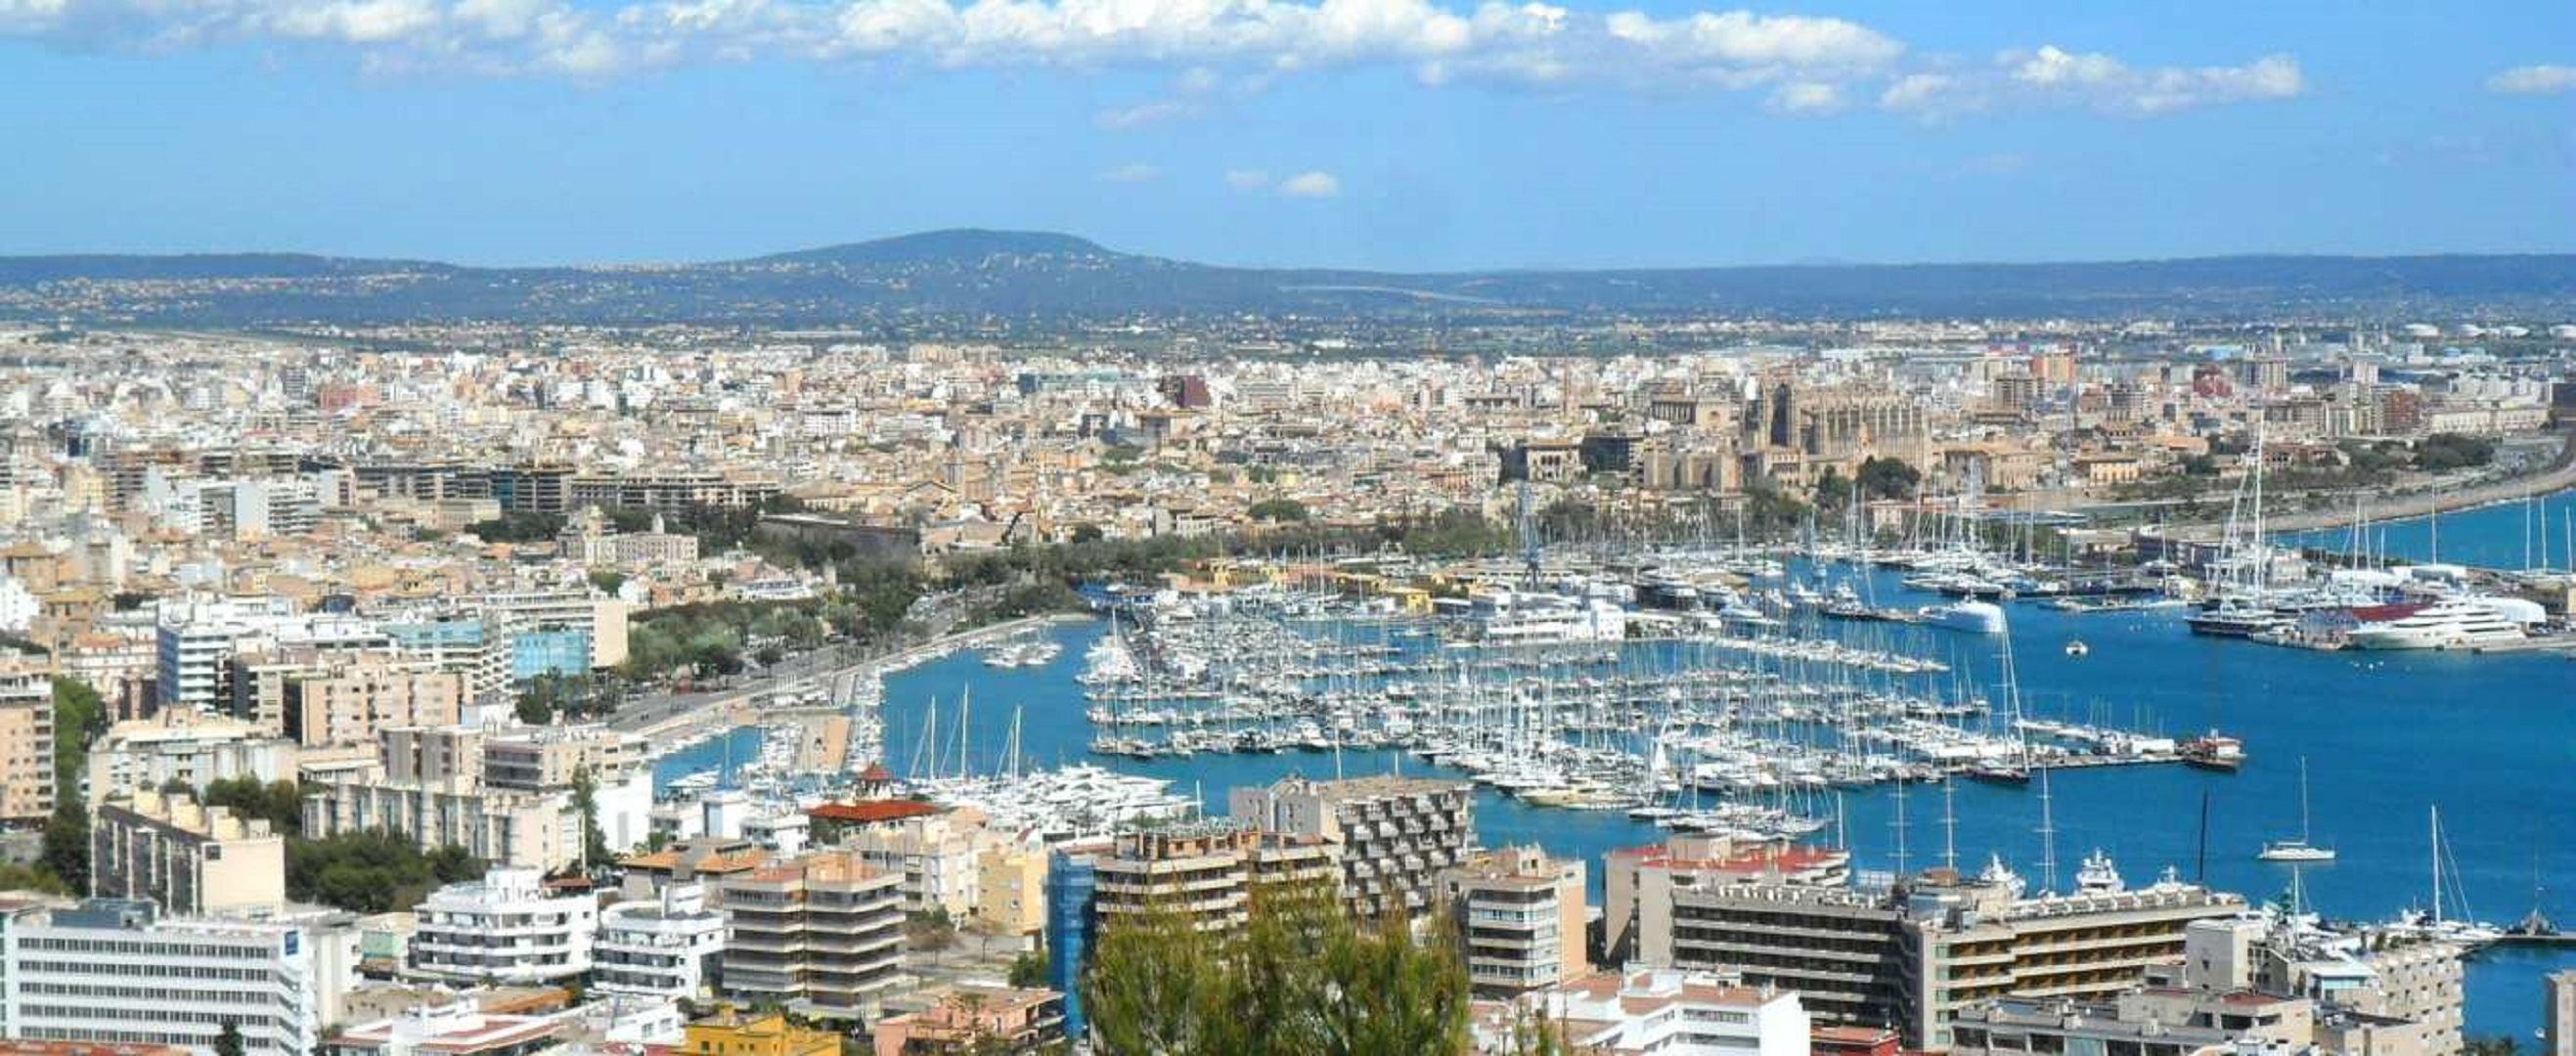 © Fastighetsbyrån Ängelholm, Föreläsning: köpa bostad i Spanien